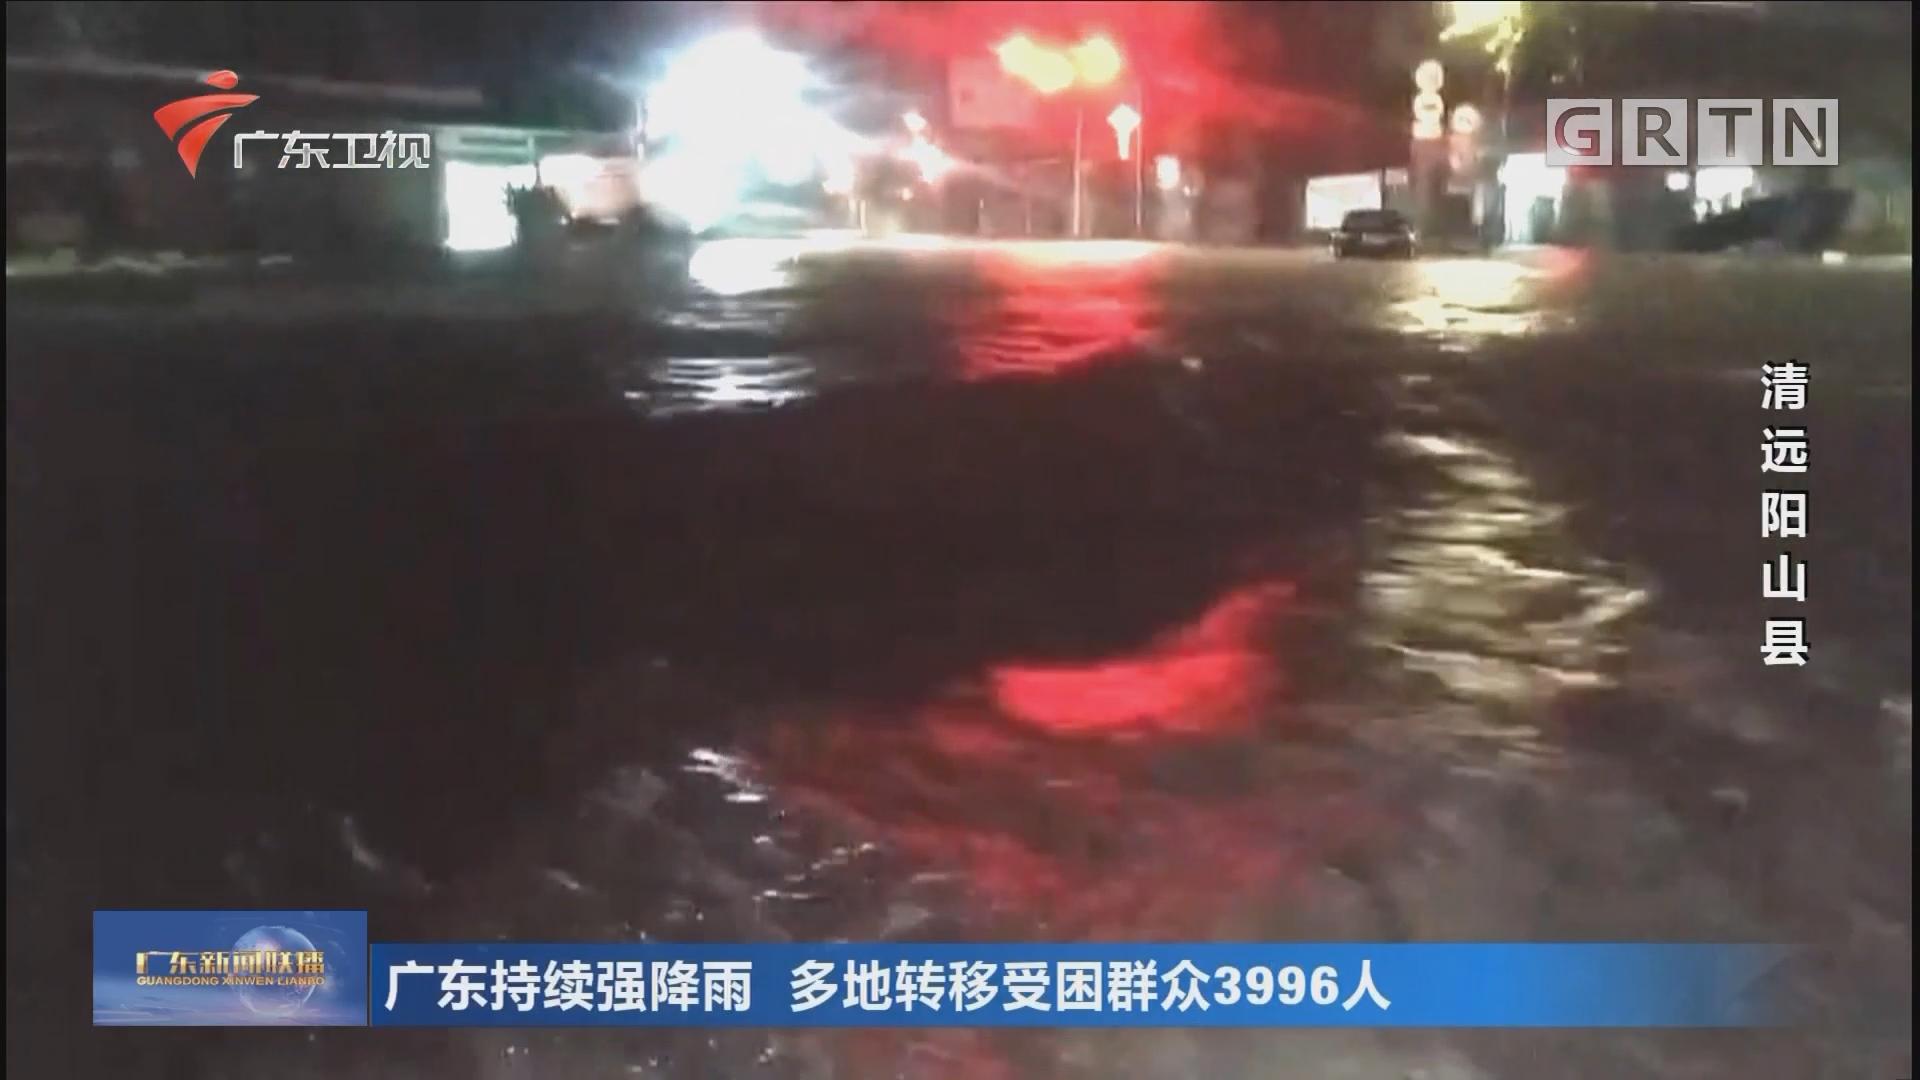 广东持续强降雨 多地转移受困群众3996人